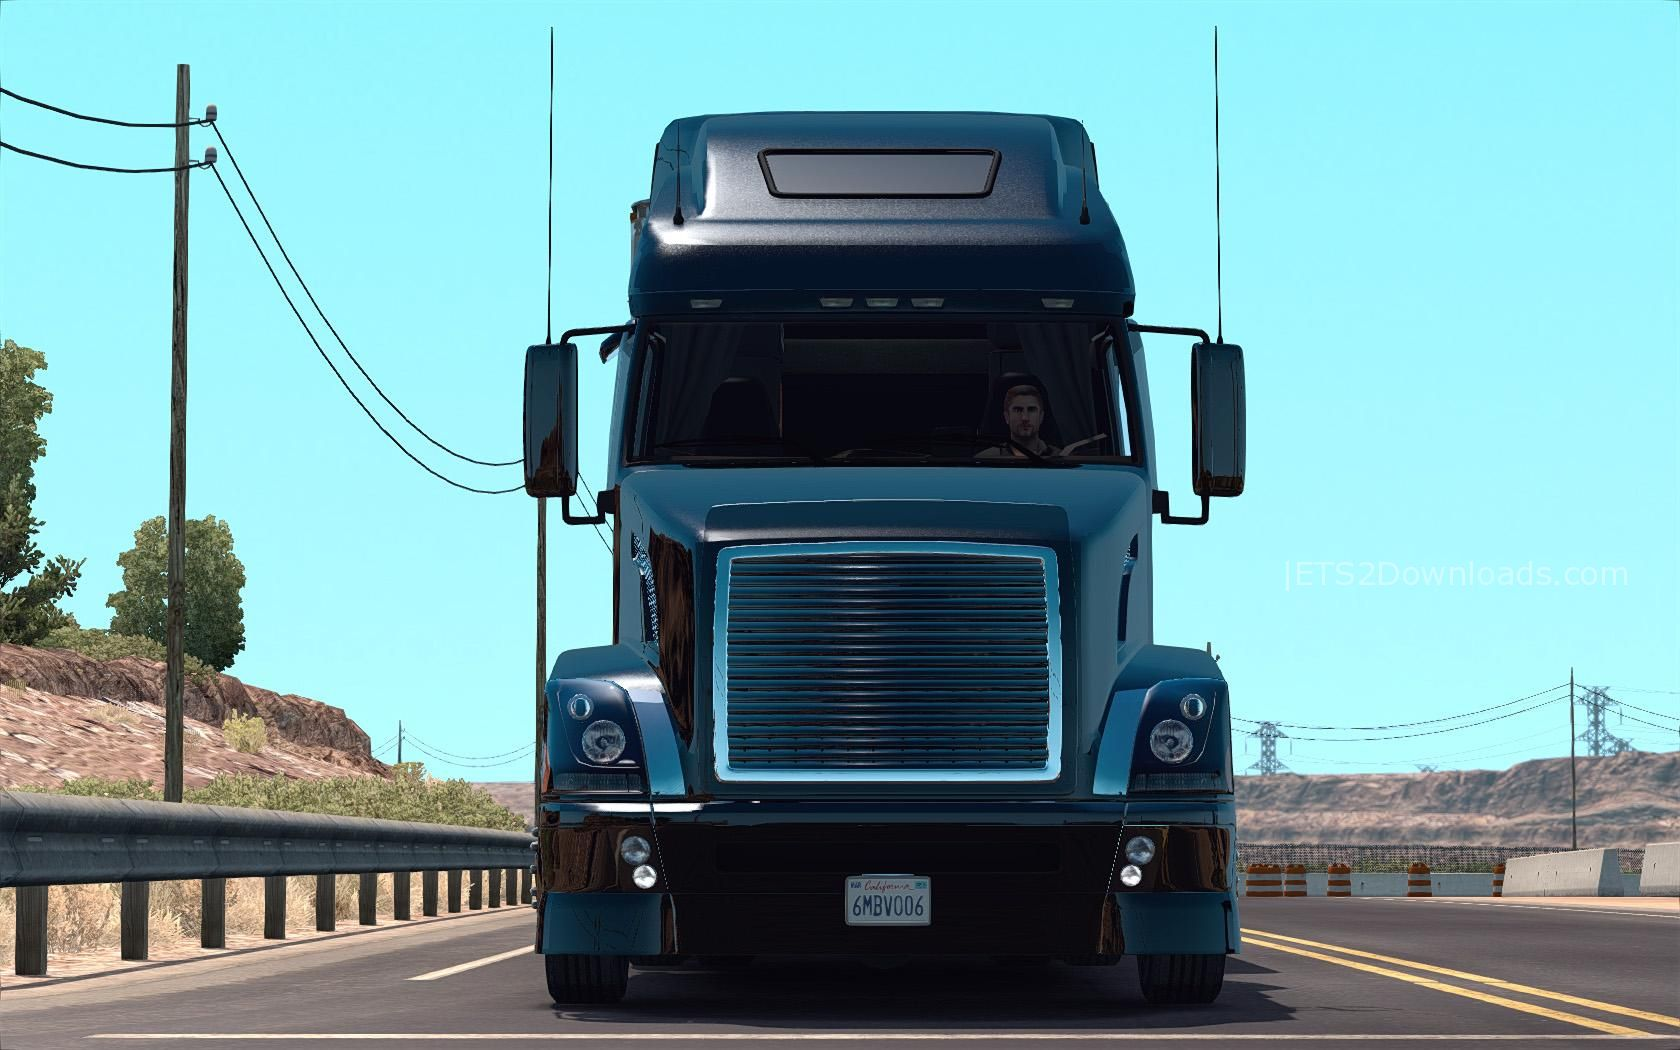 Volvo Vnl 670 Aradeth Ets 2 Mods Ets2downloads